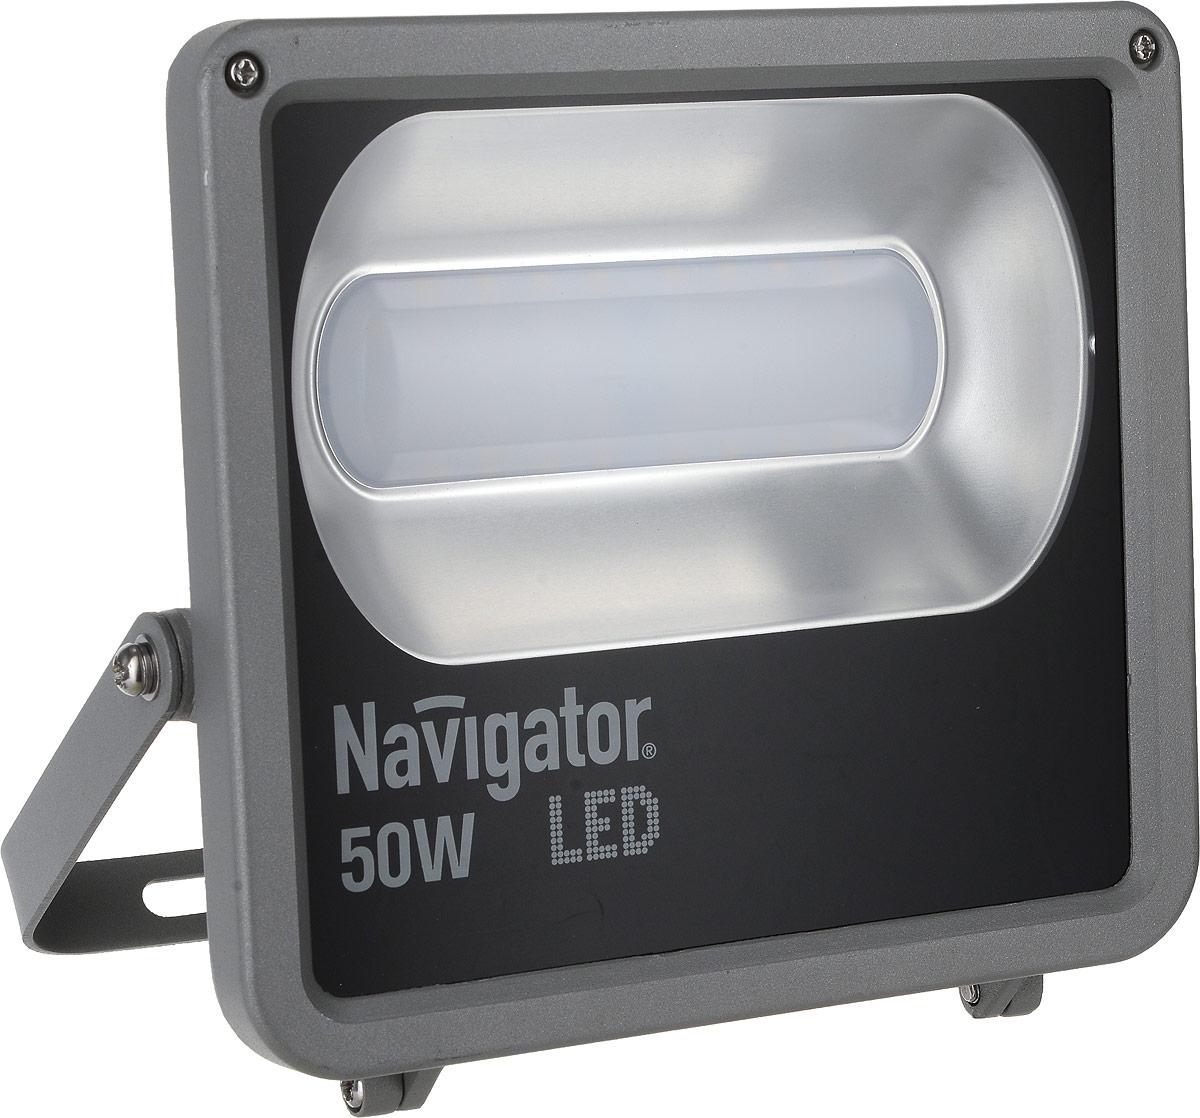 Прожектор Navigator NFL-M-50-4K-IP65-LED, светодиодный4670004713181Прожектор Navigator NFL-M-50-4K-IP65-LED используется для освещения предметов и объектов, удаленных на расстояния, многократно превышающие размер самого прибора. Прожекторы общего назначения применяются при освещении рабочих периметров, открытых территорий, зданий и памятников, а также может использоваться для наружного освещения.Особенности: Компактный алюминиевый корпус с увеличенной площадью рассеивания.Специальный матовый рассеиватель, закрывающий светодиоды.Алюминиевый рефлектор.Установочный кронштейн.Технические характеристики:Мощность: 50 Вт.Световой поток: 3000 лм.Цветовая температура: 4000 К.Индекс цветопередачи: >75.Степень защиты: IP65.Напряжение: 165-264 В.Частота: 50/60 Гц.Коэффициент мощности: >0,9.Температура эксплуатации: от -30 до +40°C.Срок службы: 40 000 ч.